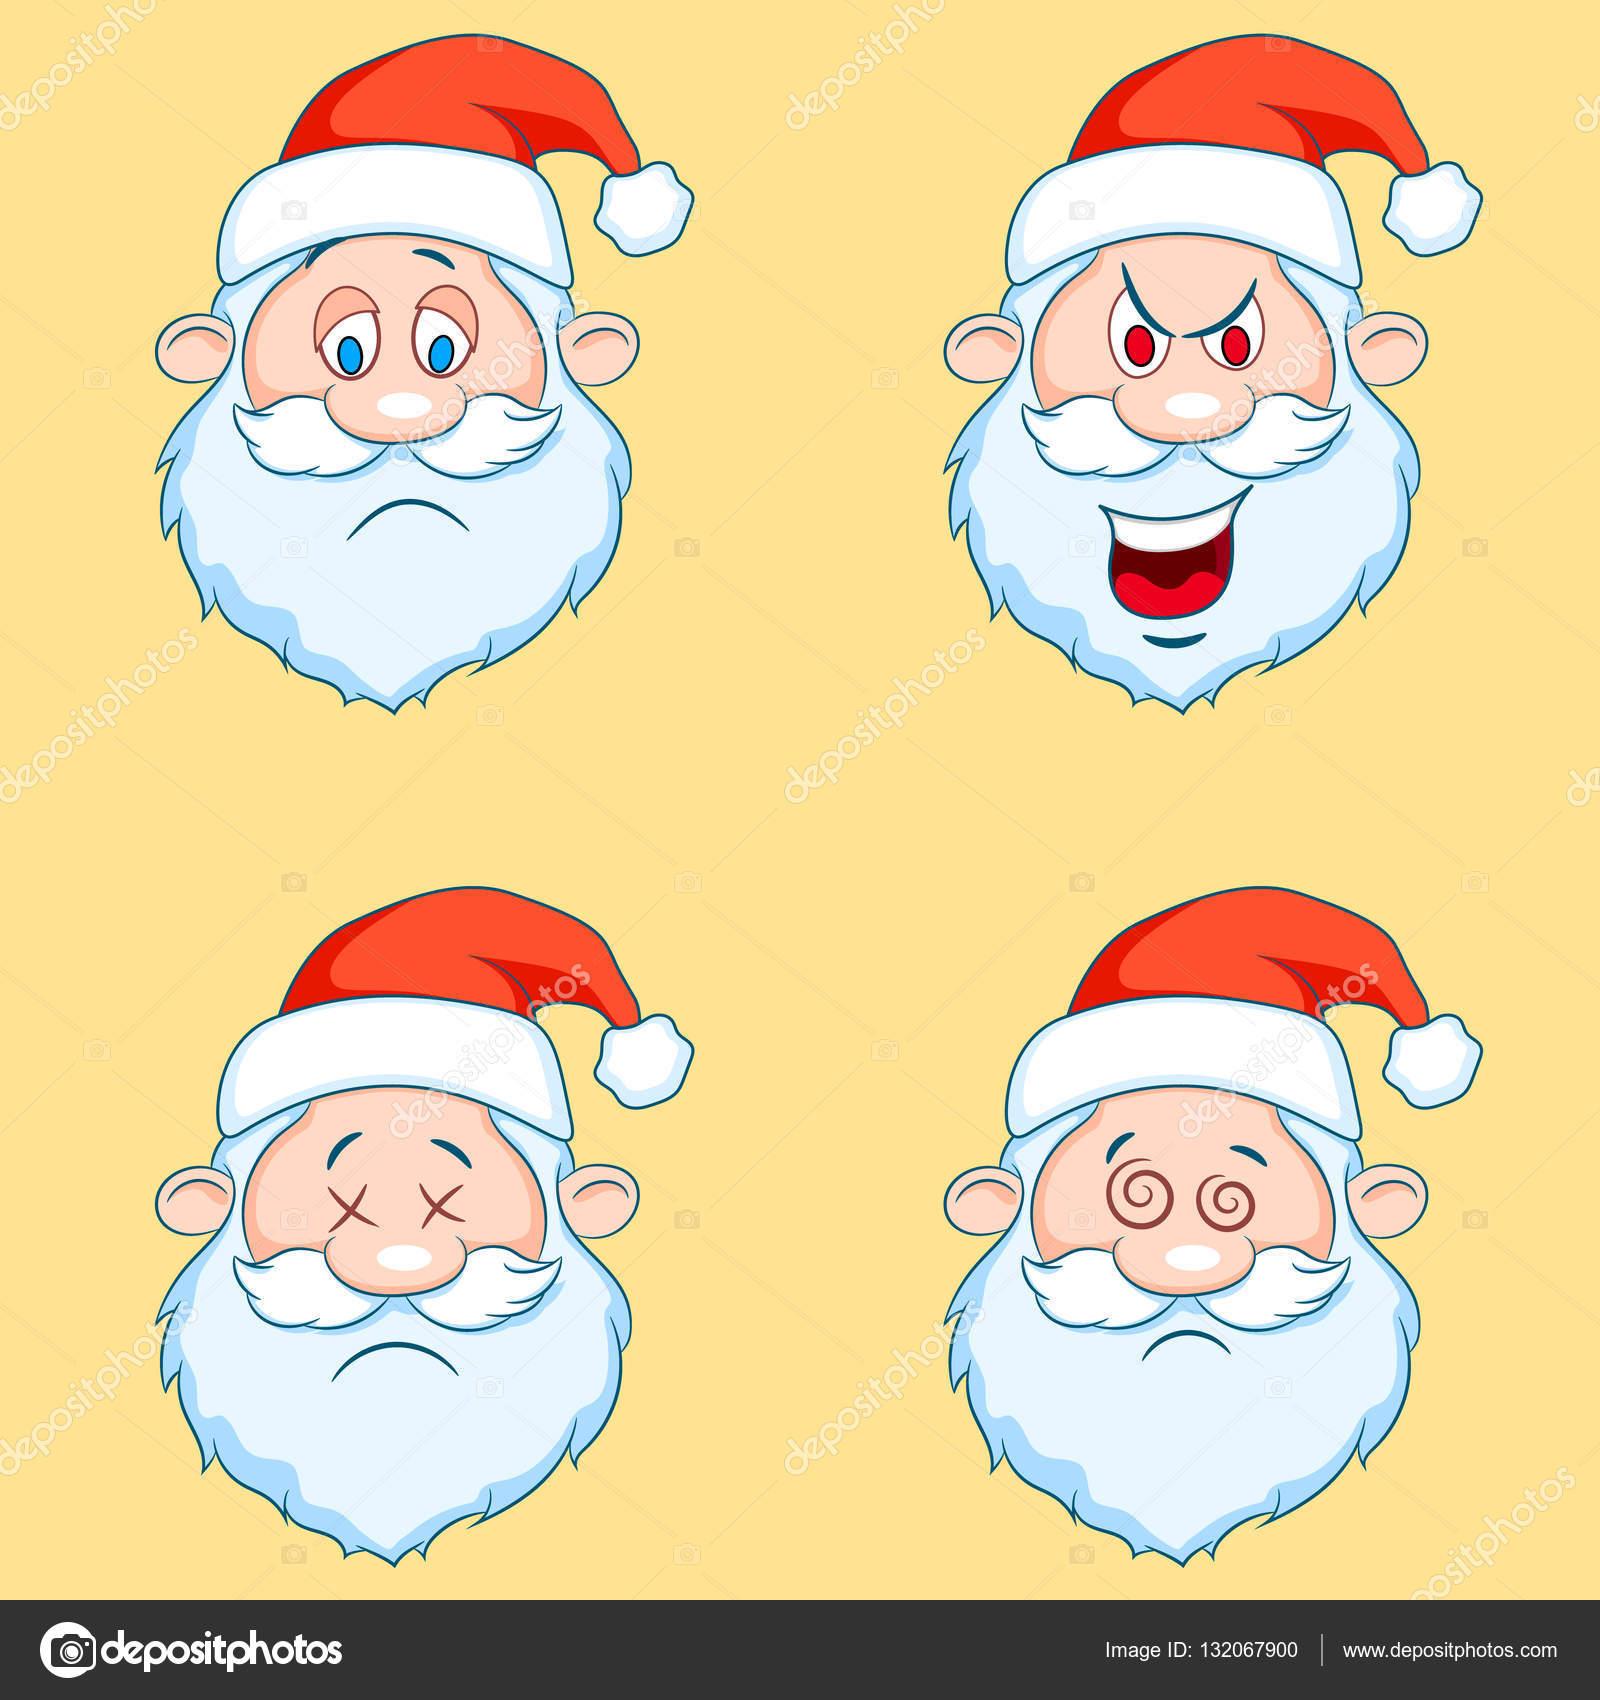 Immagini Simpatiche Di Babbo Natale.Quattro Divertenti Teste Di Babbo Natale Set Vettoriali